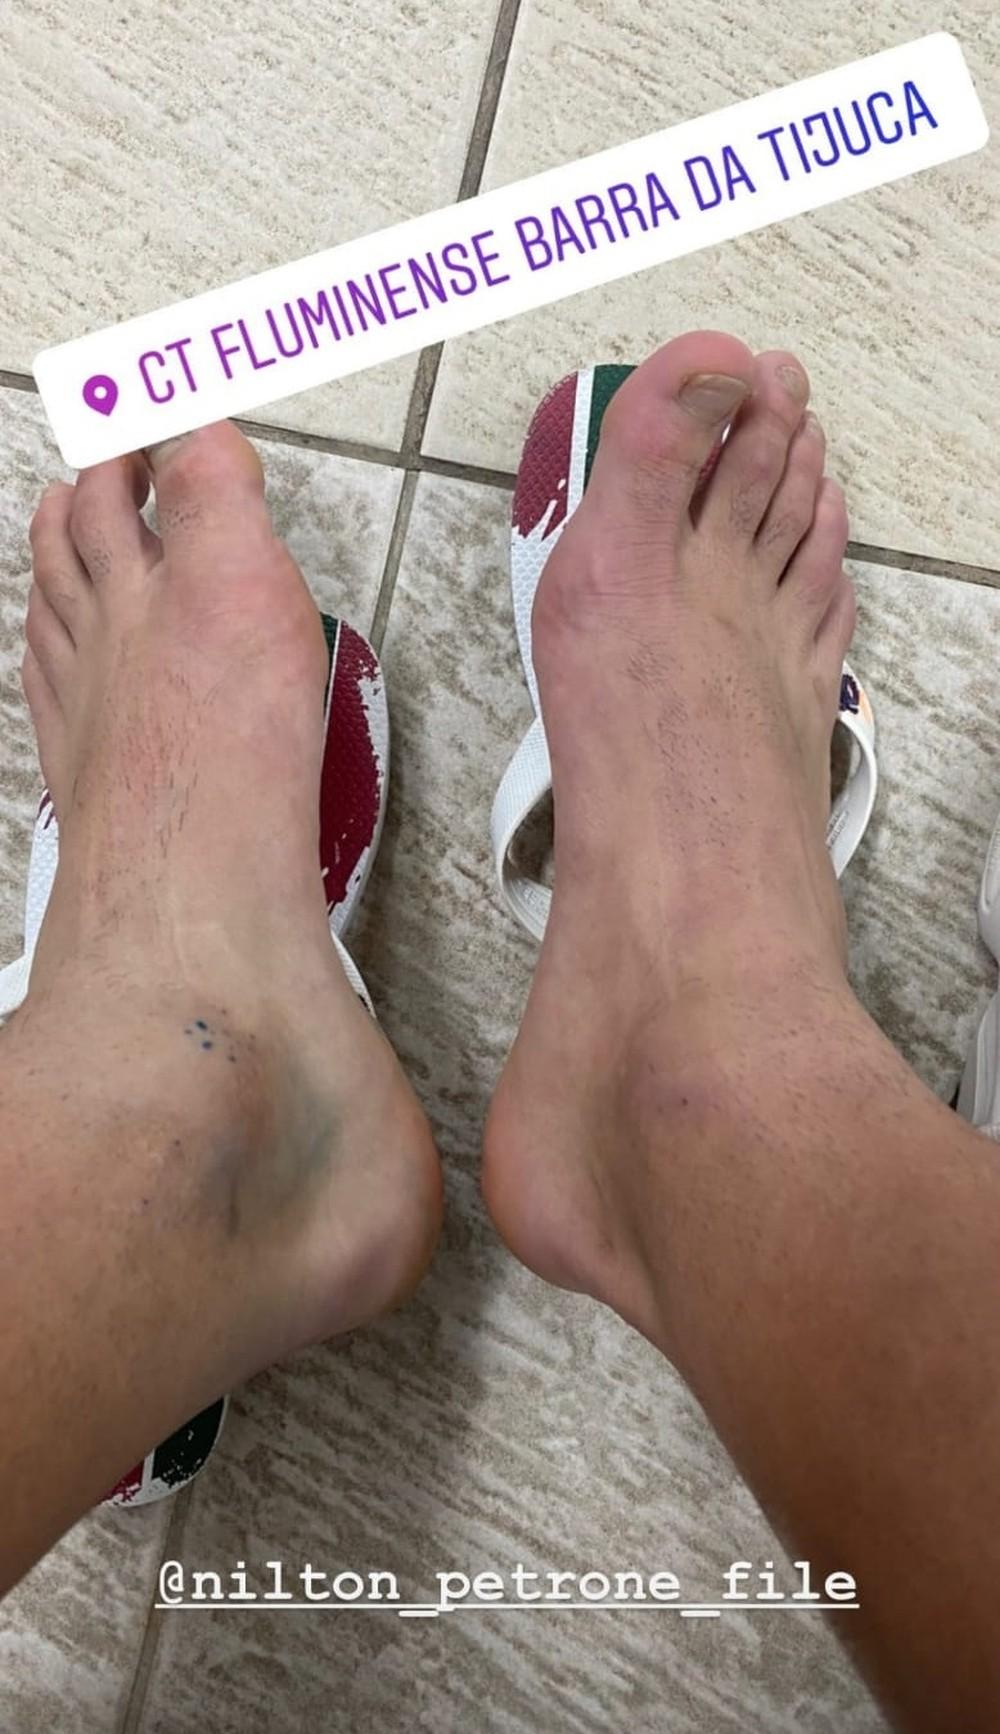 yago felipe postou foto dos pés sendo o tornozelo esquerdo